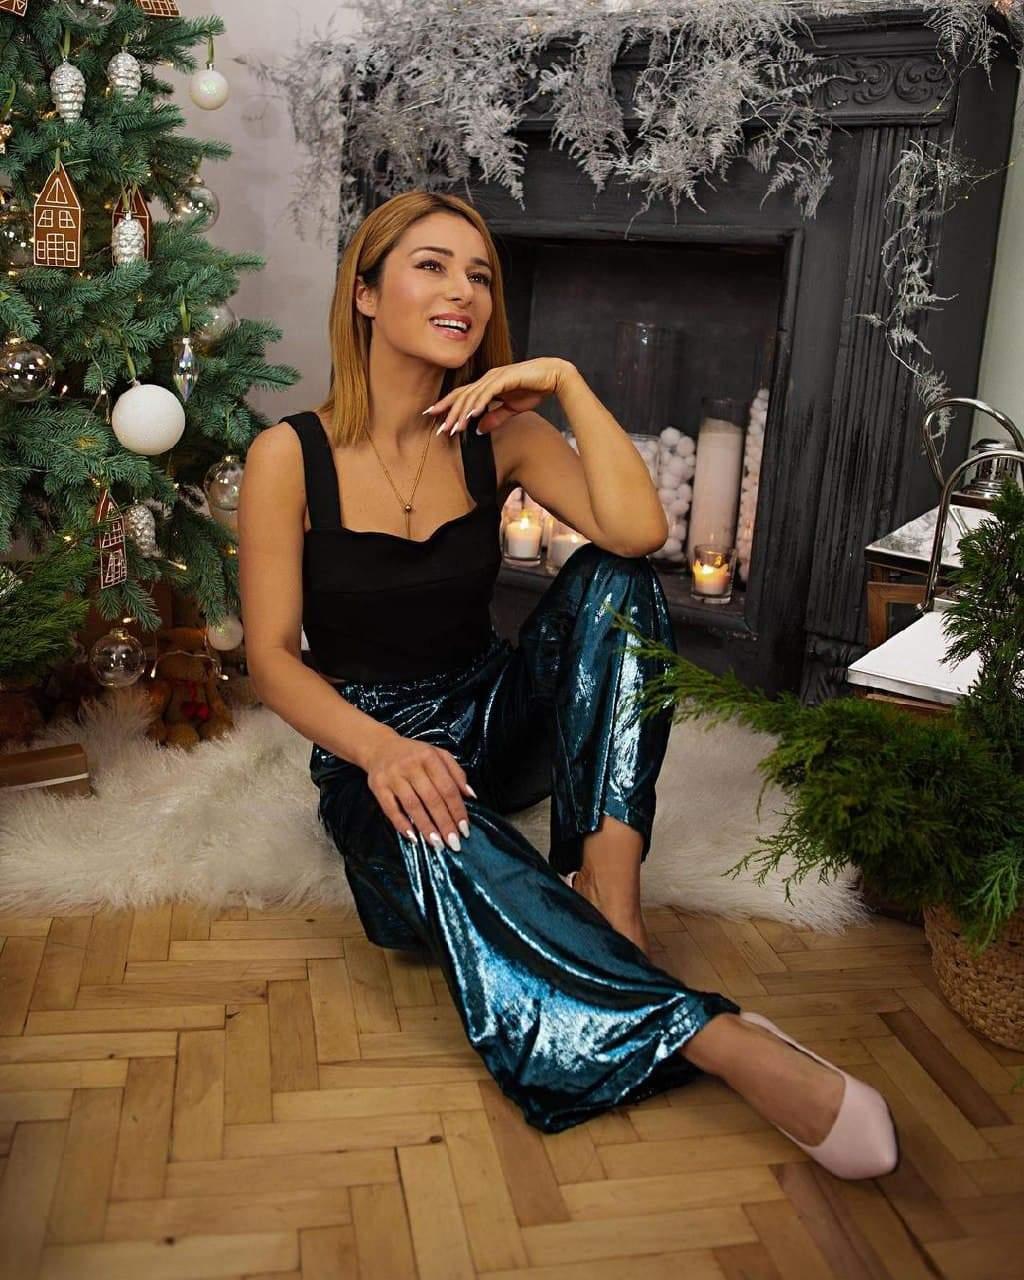 Злата Огнєвіч запропонувала цікаві образи на Новий рік